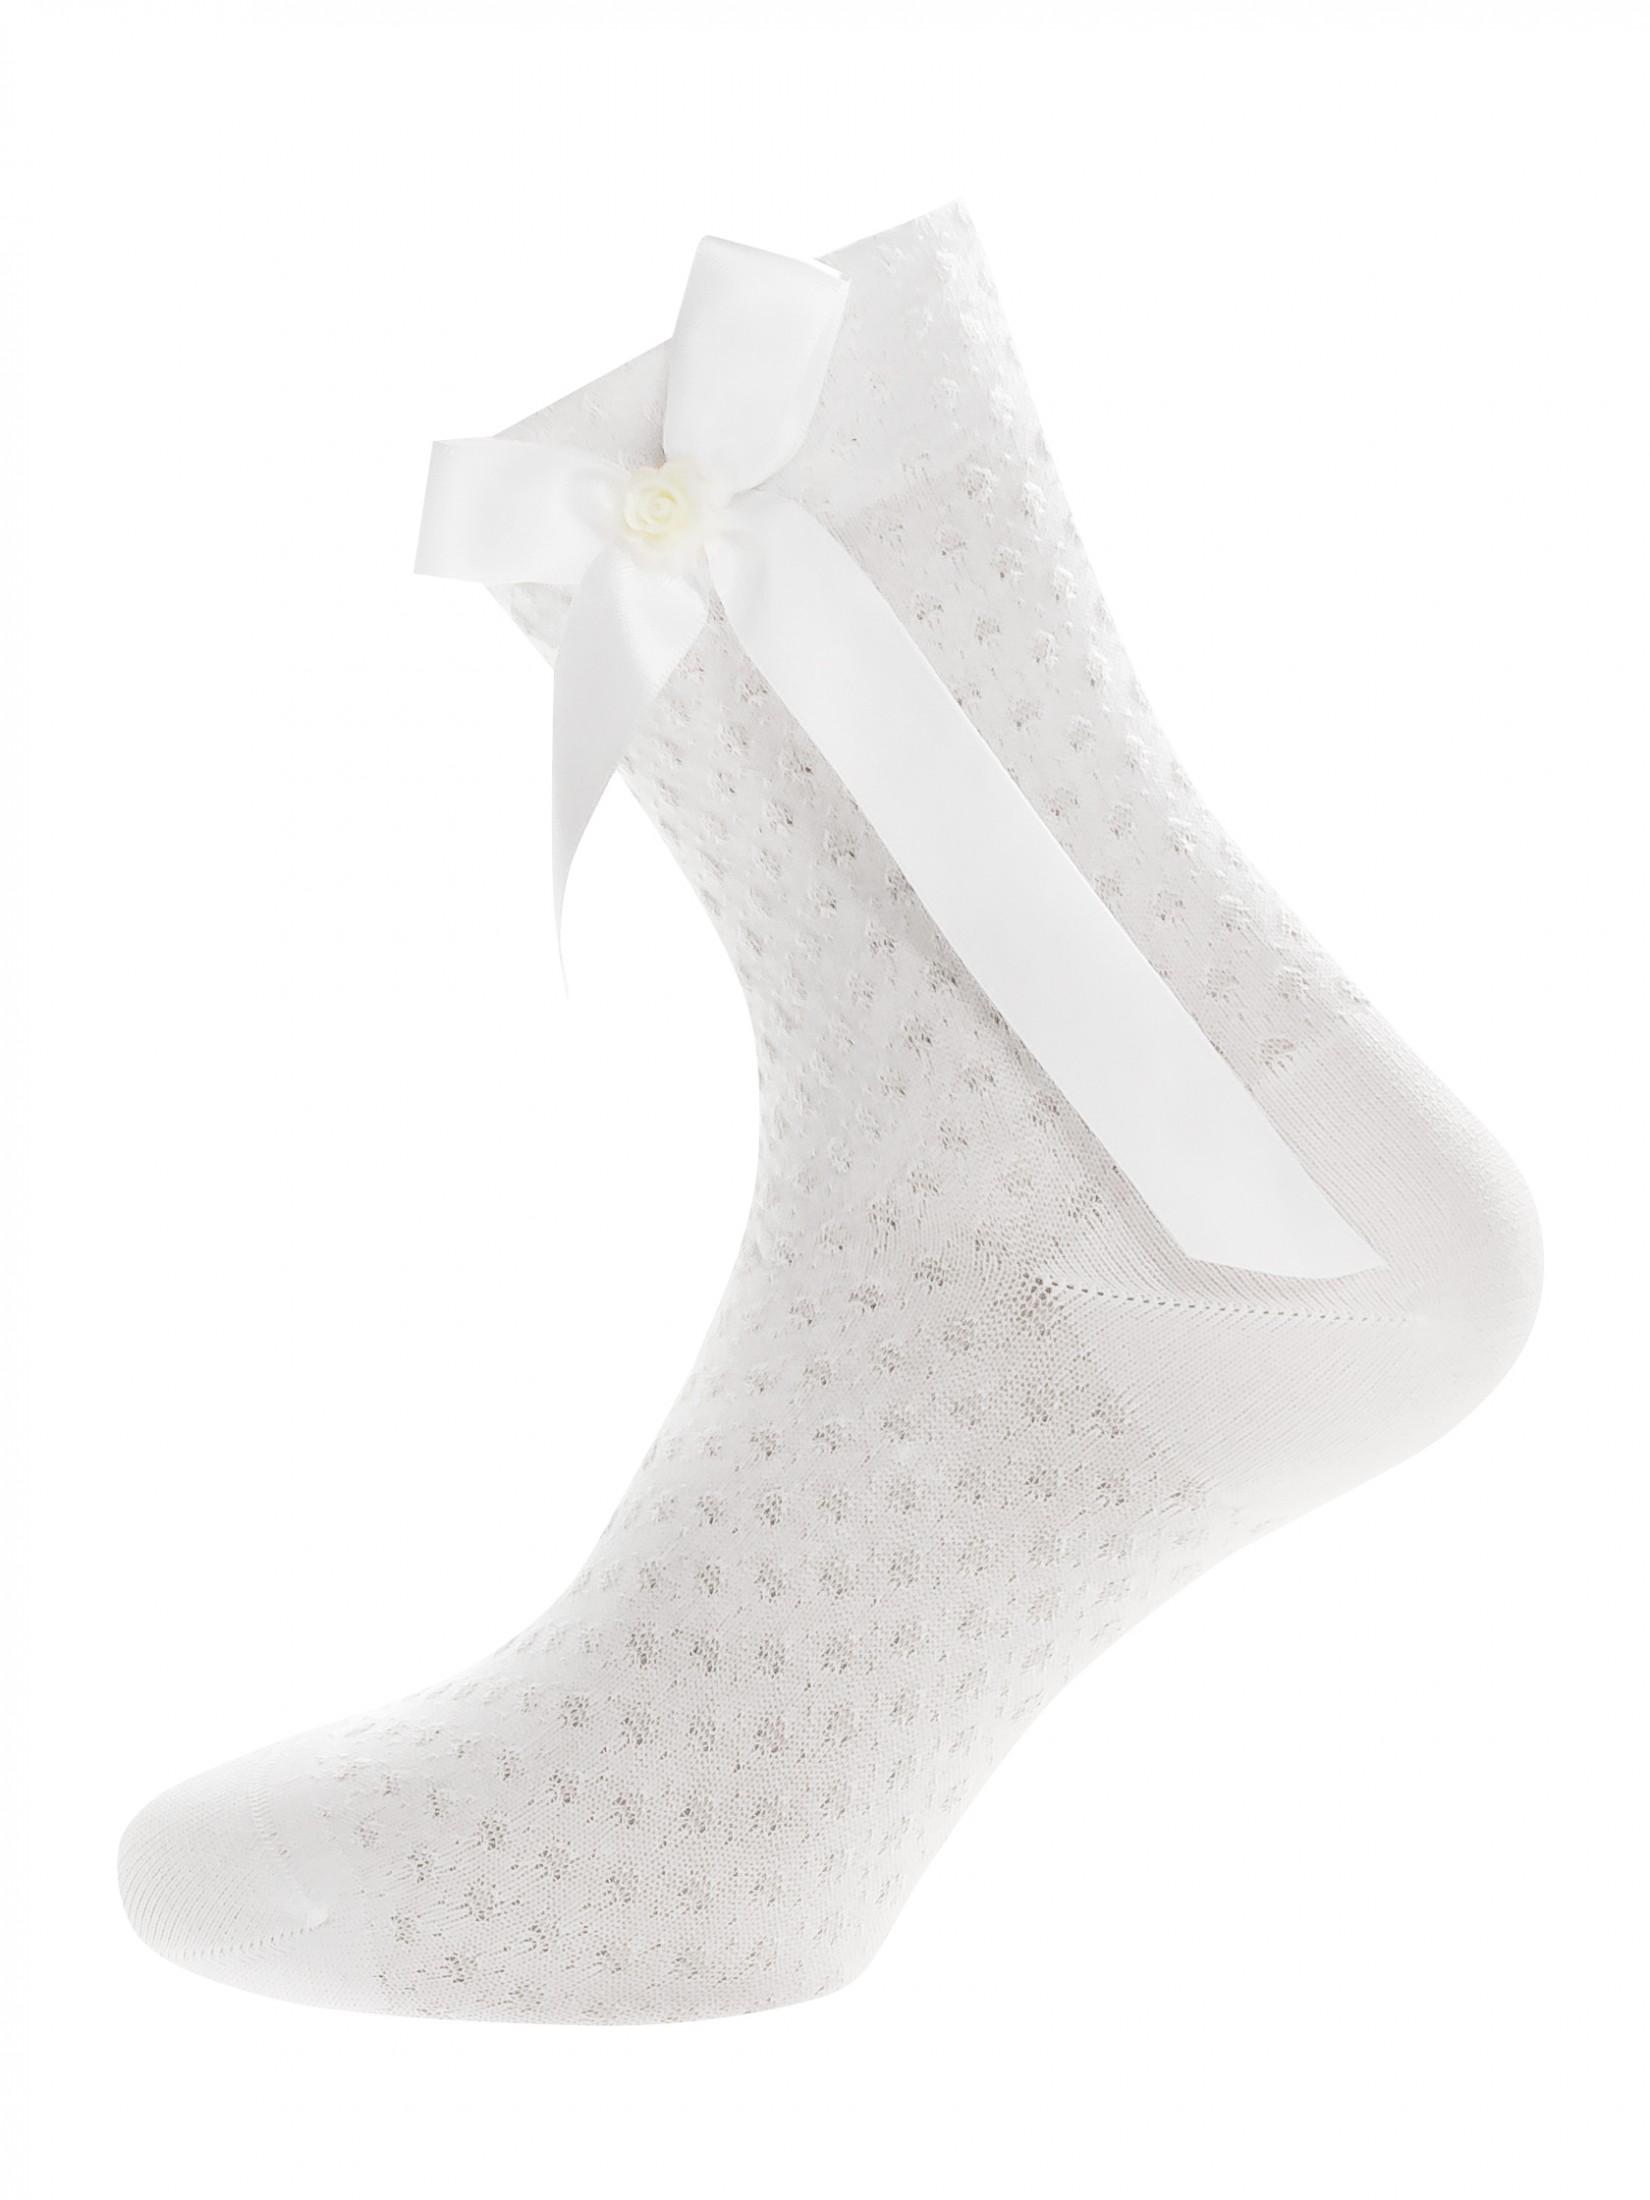 Носки женские Mademoiselle Freesia (c.) белые UNICA